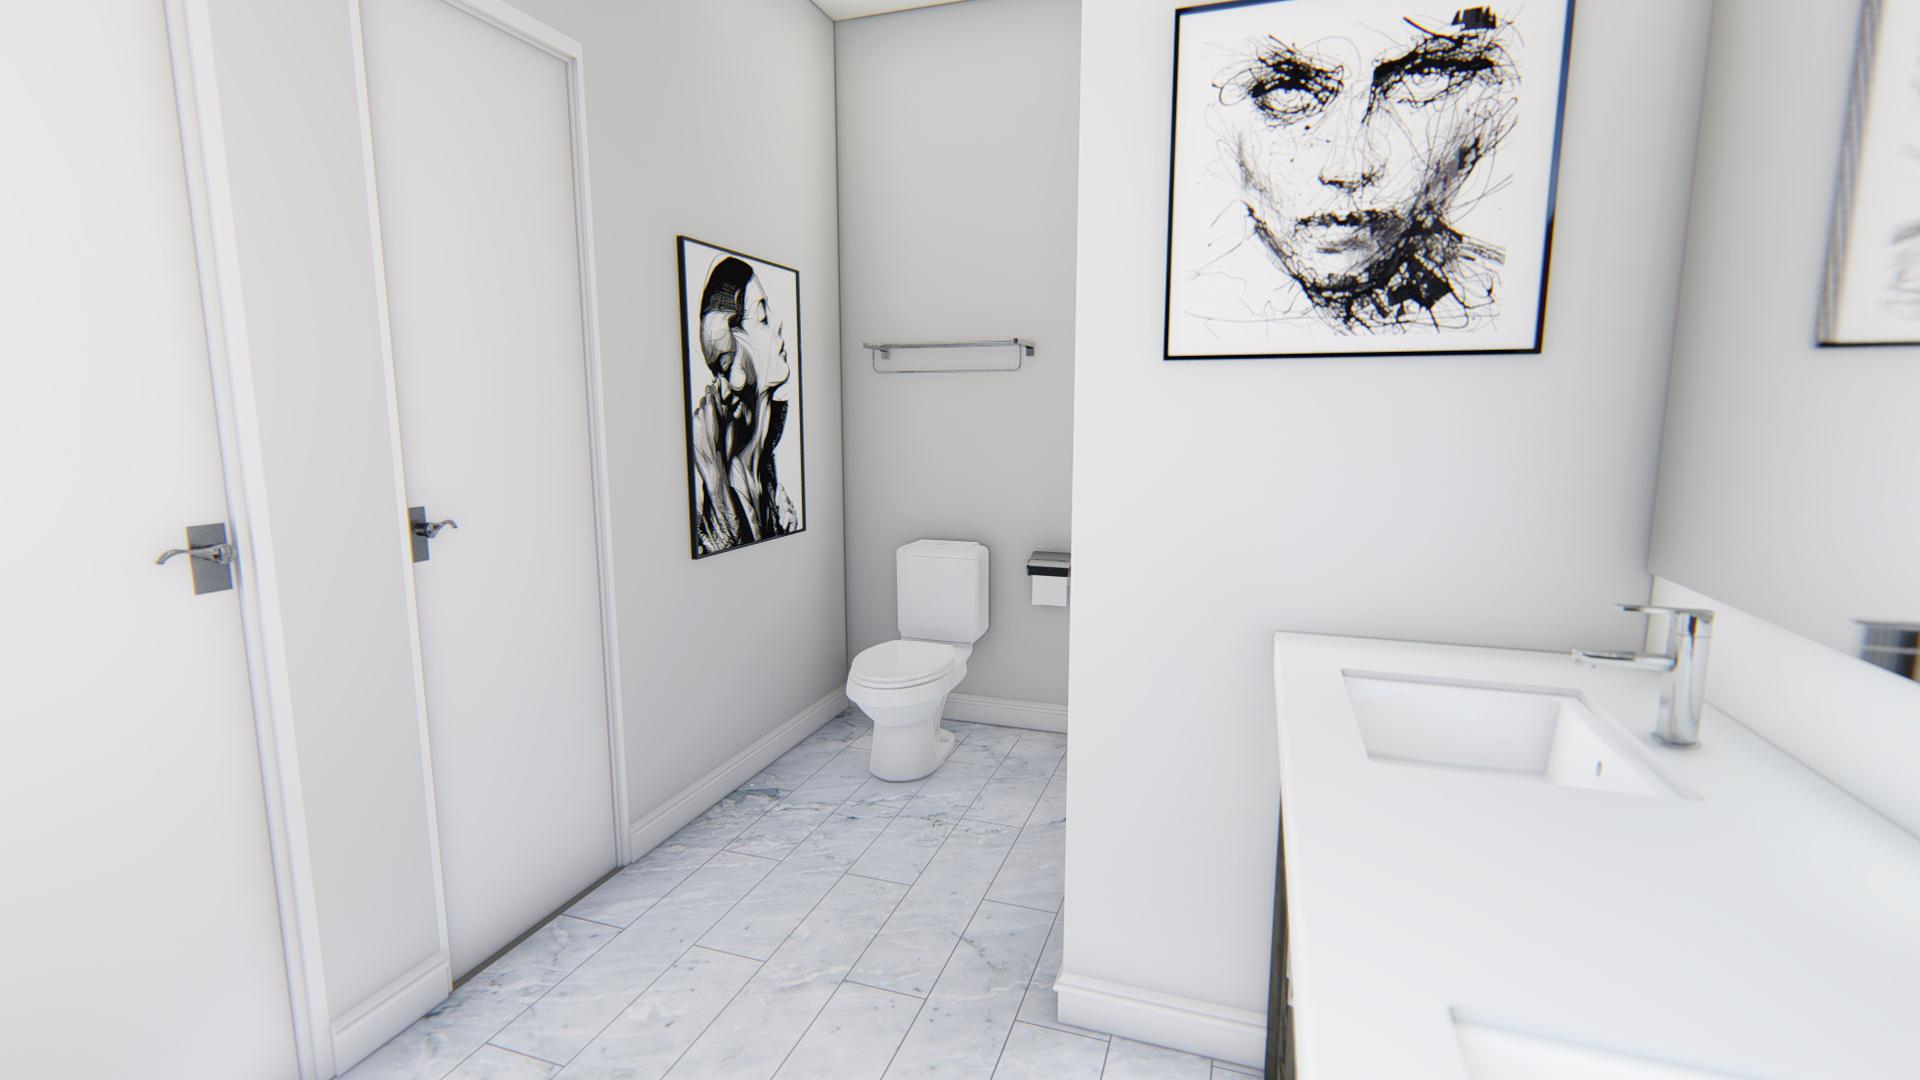 Unit 2B_Bathroom View 2.jpg